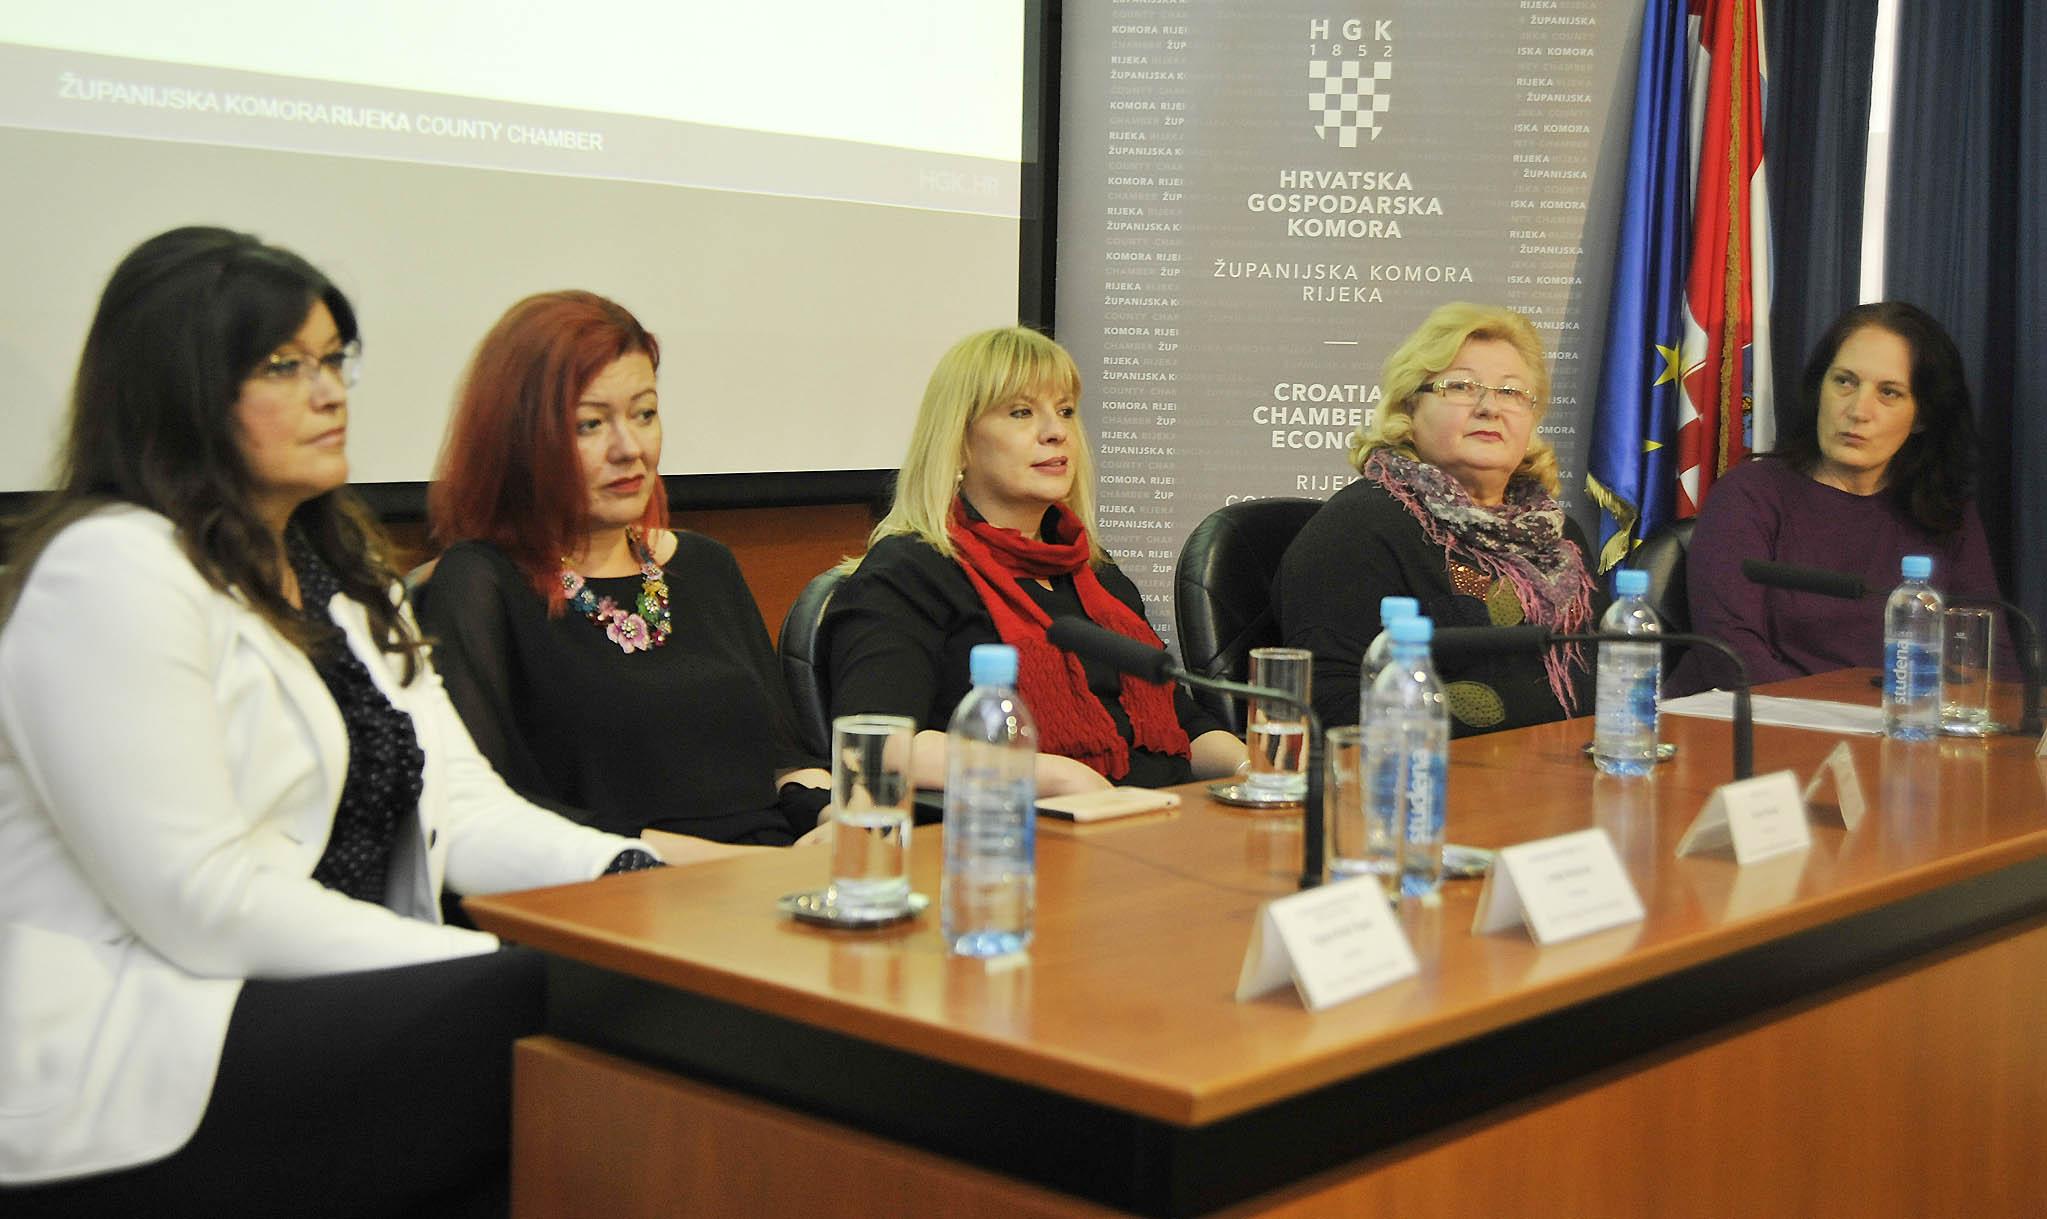 Susret poslovnih žena, HGK Rijeka, snimio Sergej DRECHSLER